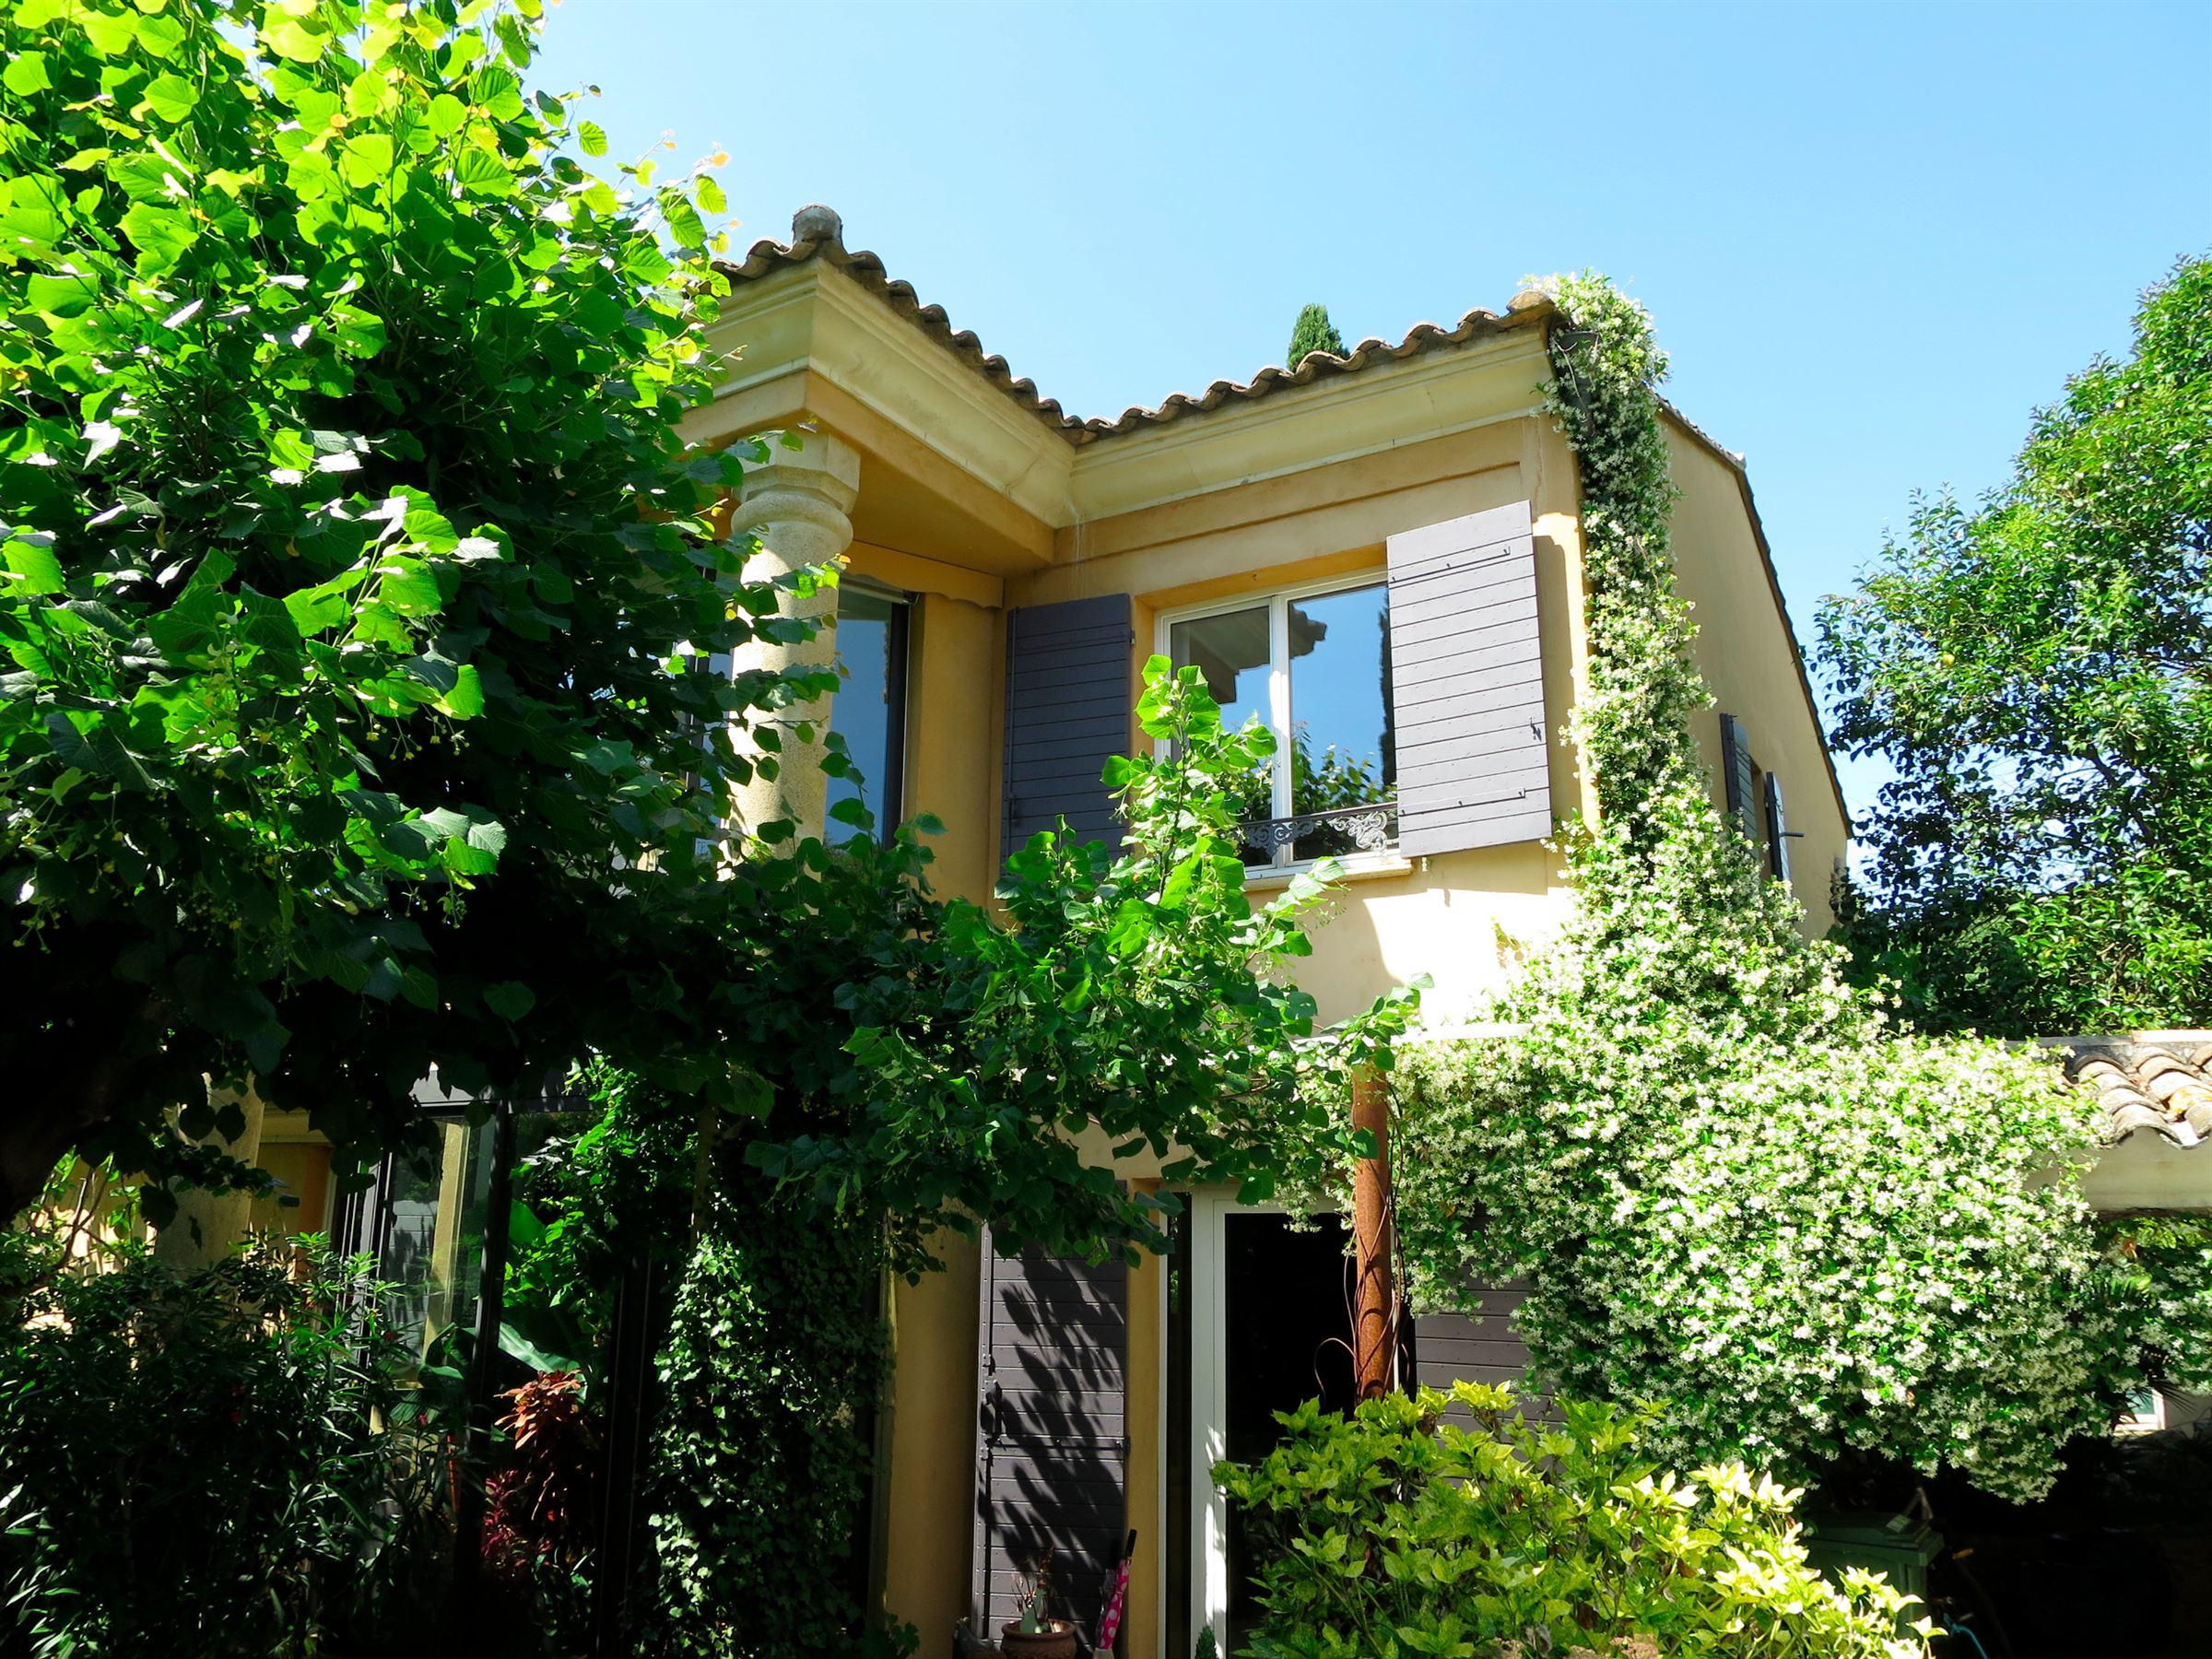 단독 가정 주택 용 매매 에 Unique !!!! Maison de ville dans un écrin de verdure Other Provence-Alpes-Cote D'Azur, 프로벤스 앞ㄹ프스 코테 D'Azur, 13100 프랑스